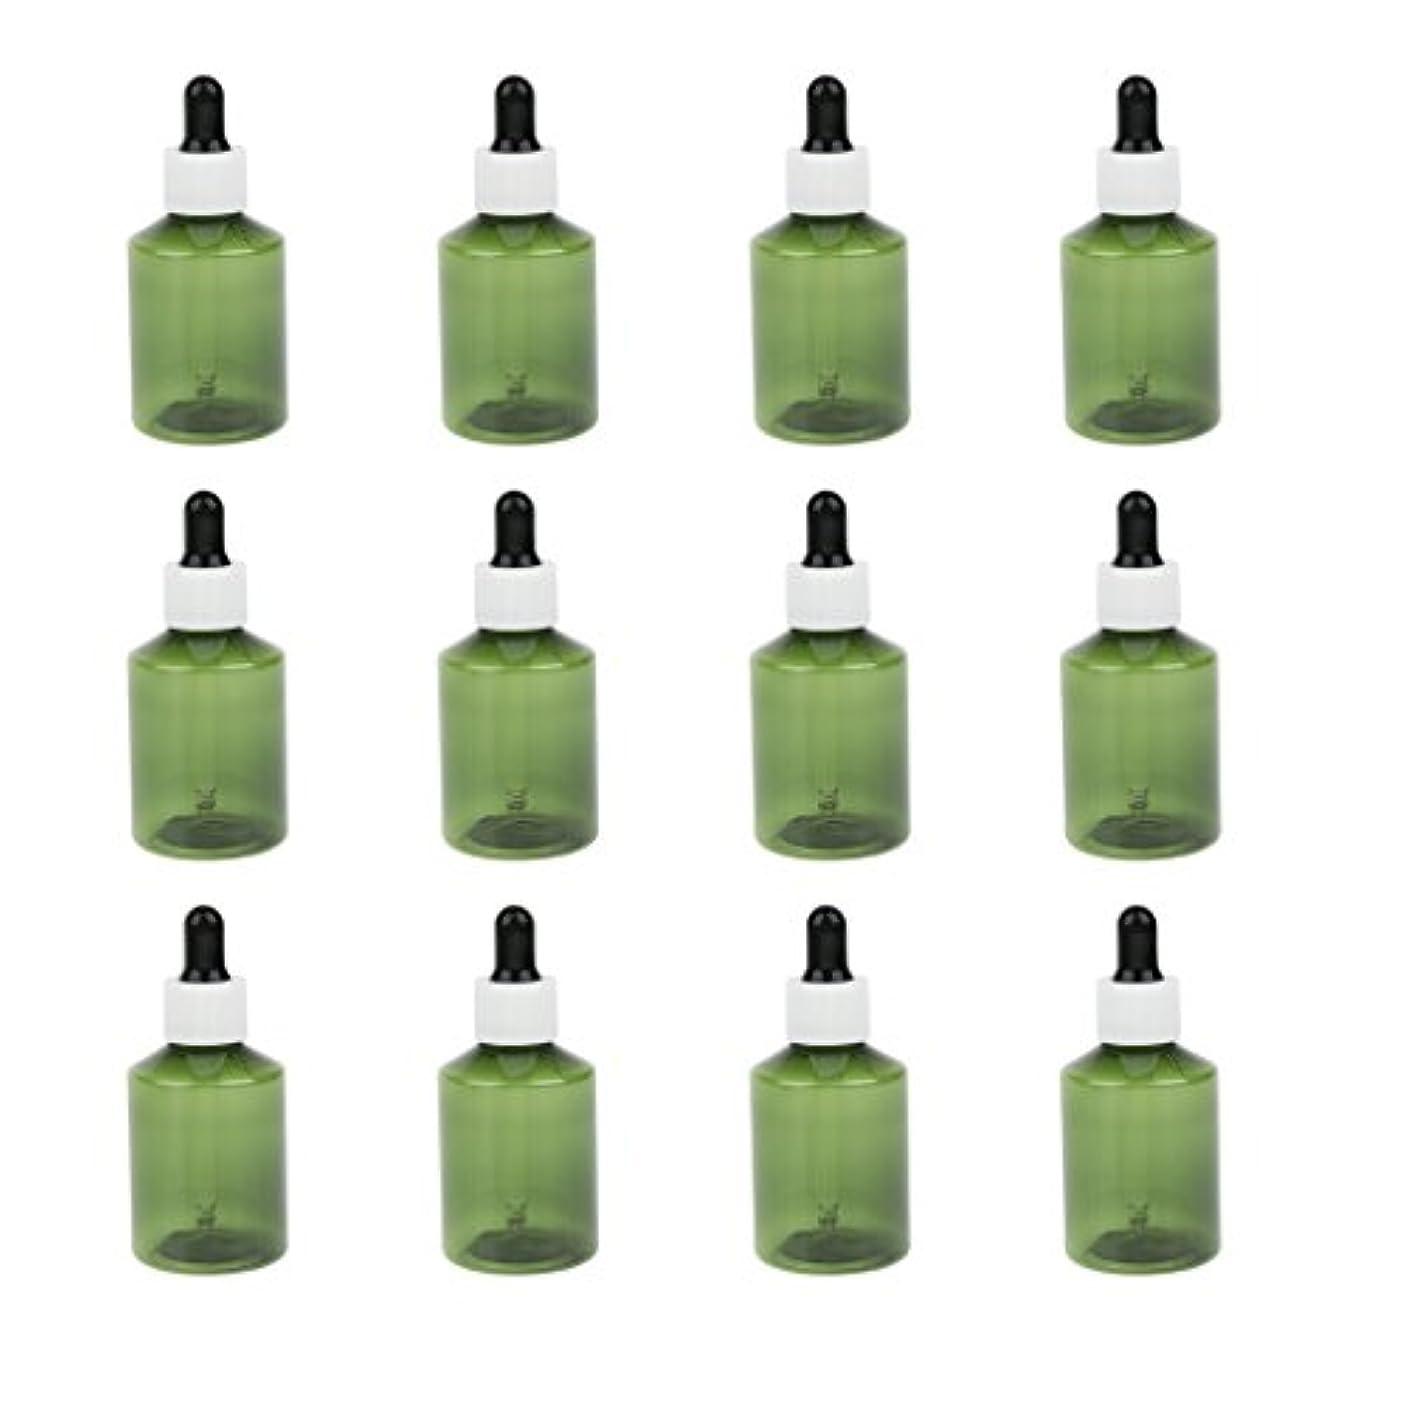 陪審個人的な誘うドロッパーボトル 詰め替え式 点滴びん 50ml エッセンシャルオイル 精油 6仕様選べ - ホワイトキャップブラックドロッパー